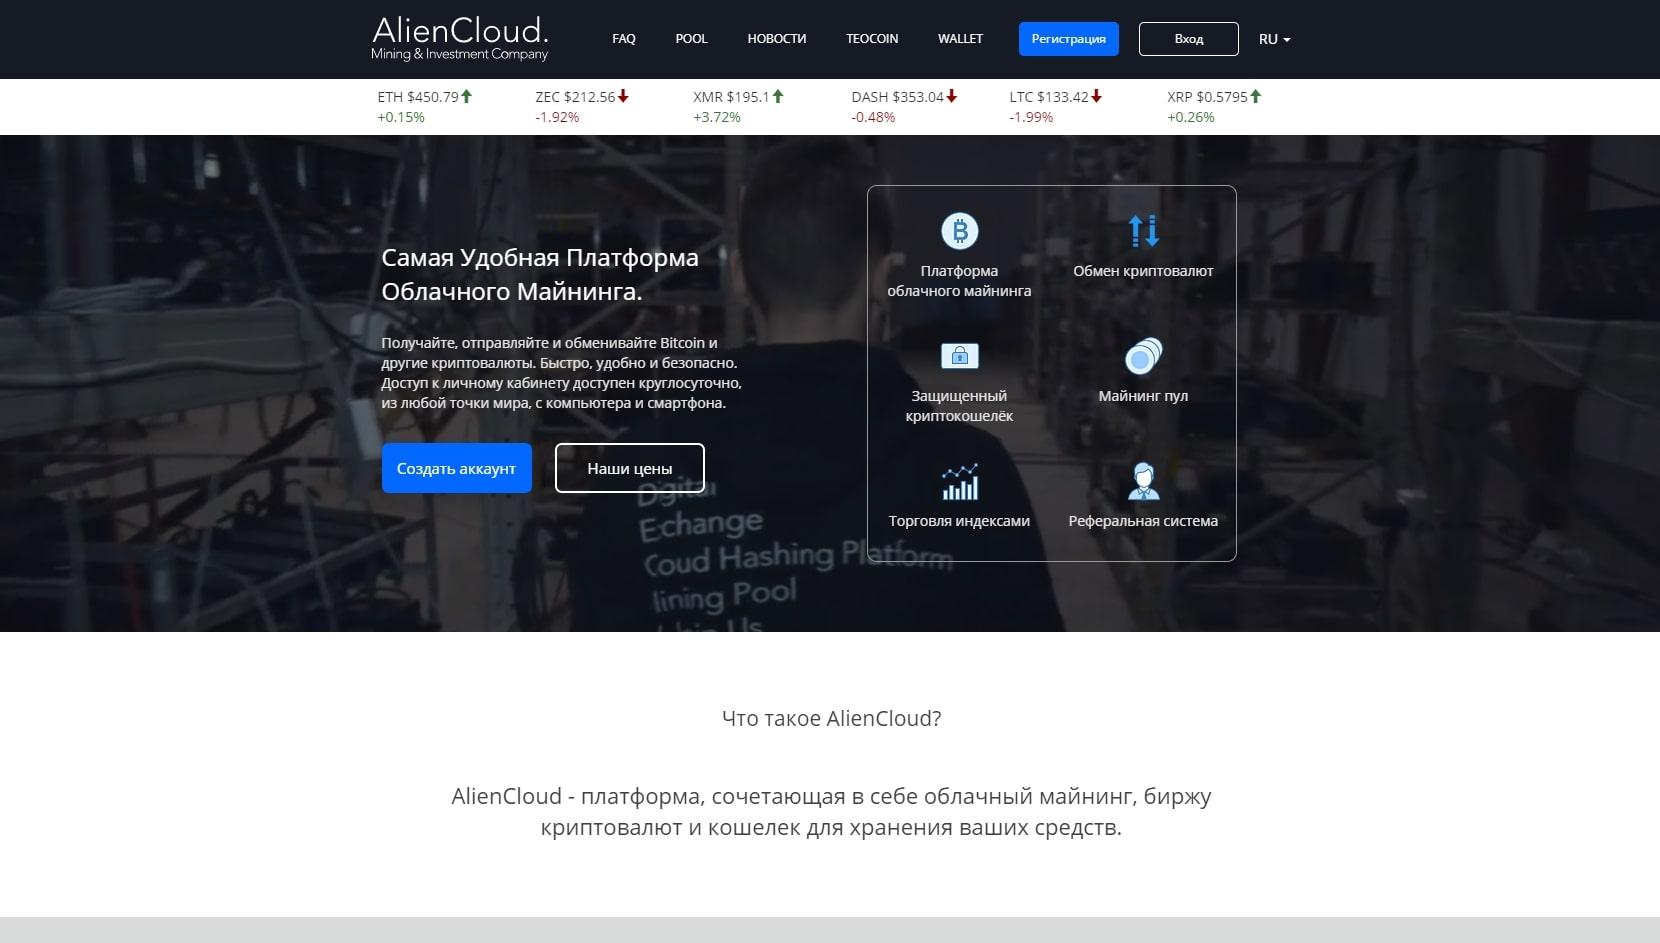 Главная страница сайта Alien Cloud